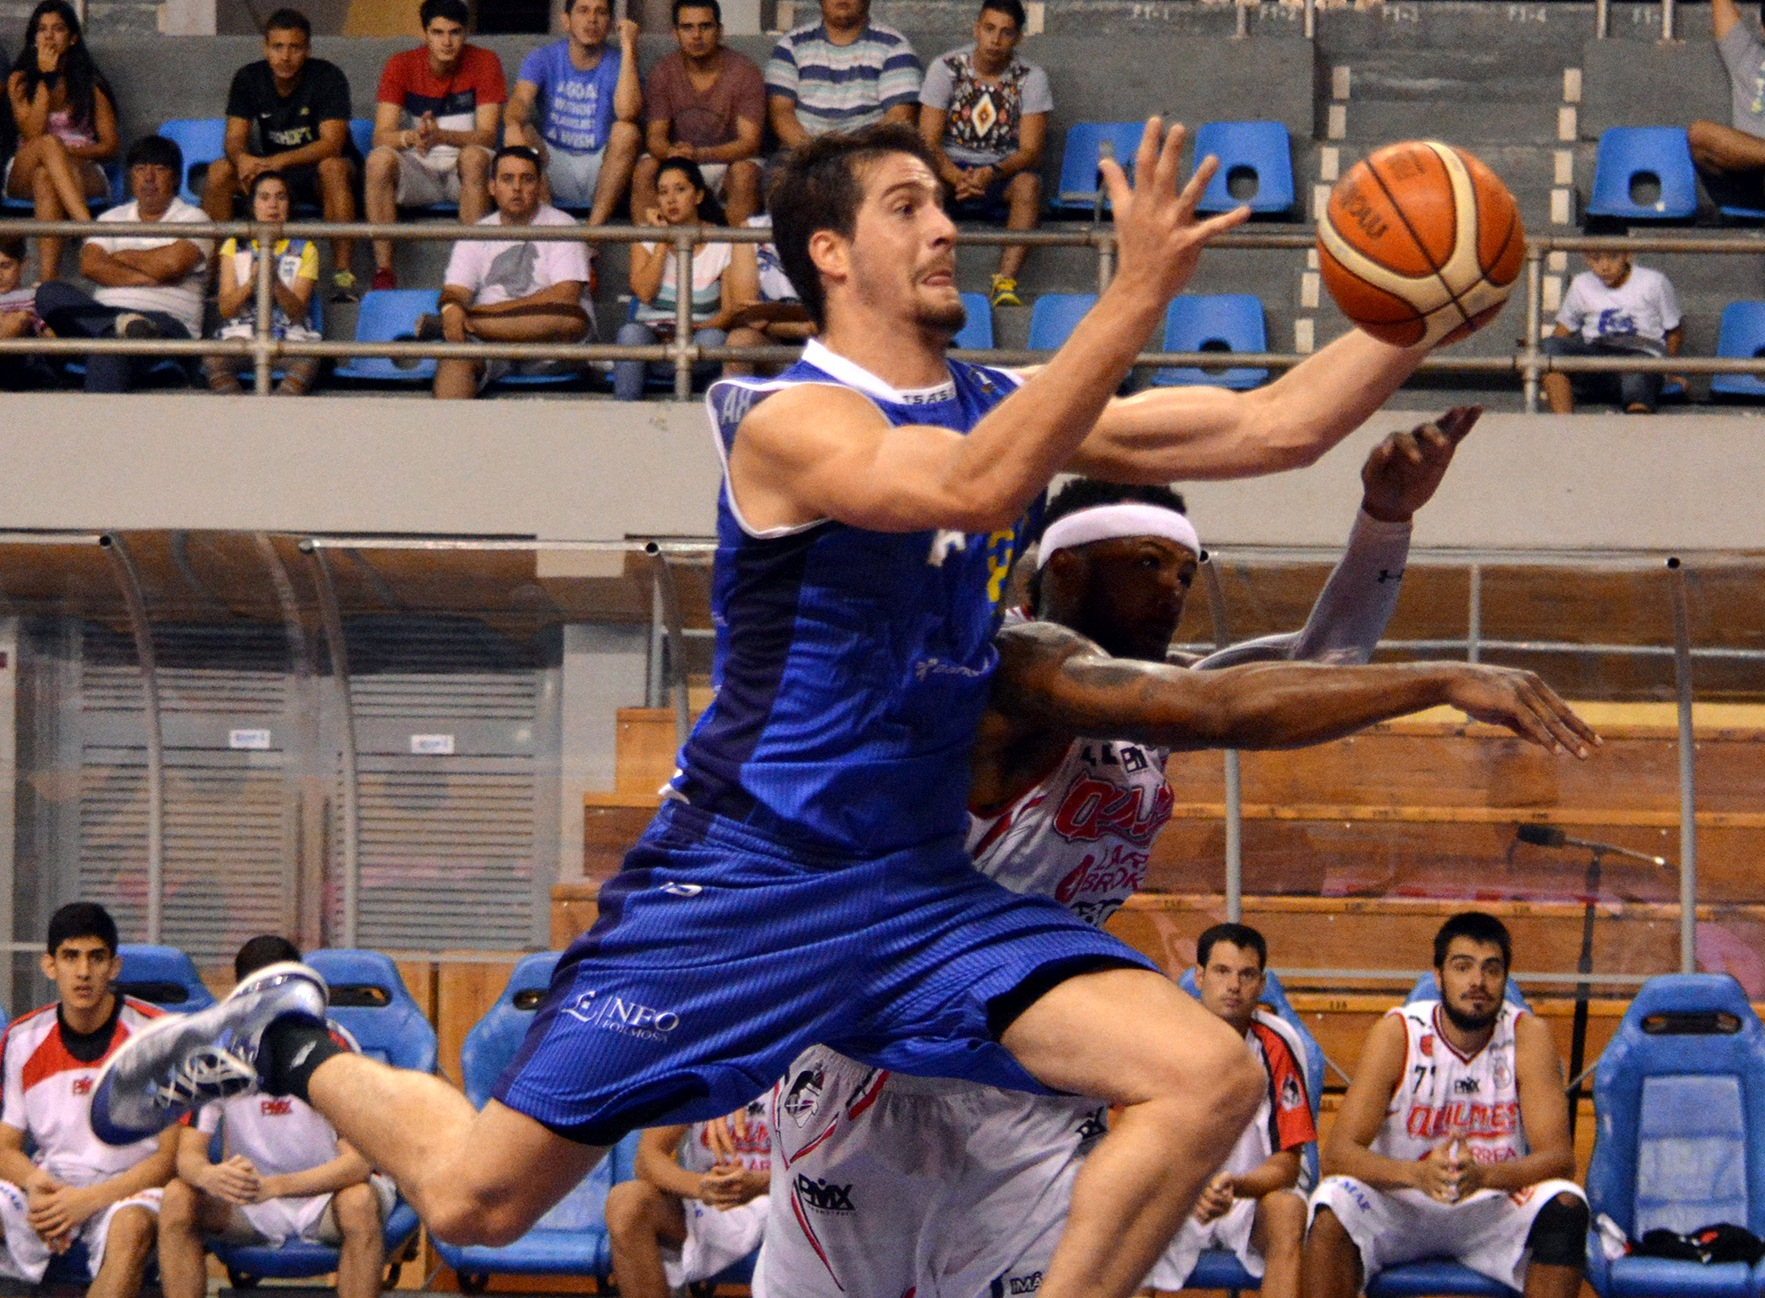 Pablo Orlietti fue una de las figuras con 14 puntos y 10 rebotes. (Foto: Federico Amarilla - LNB.com.ar)